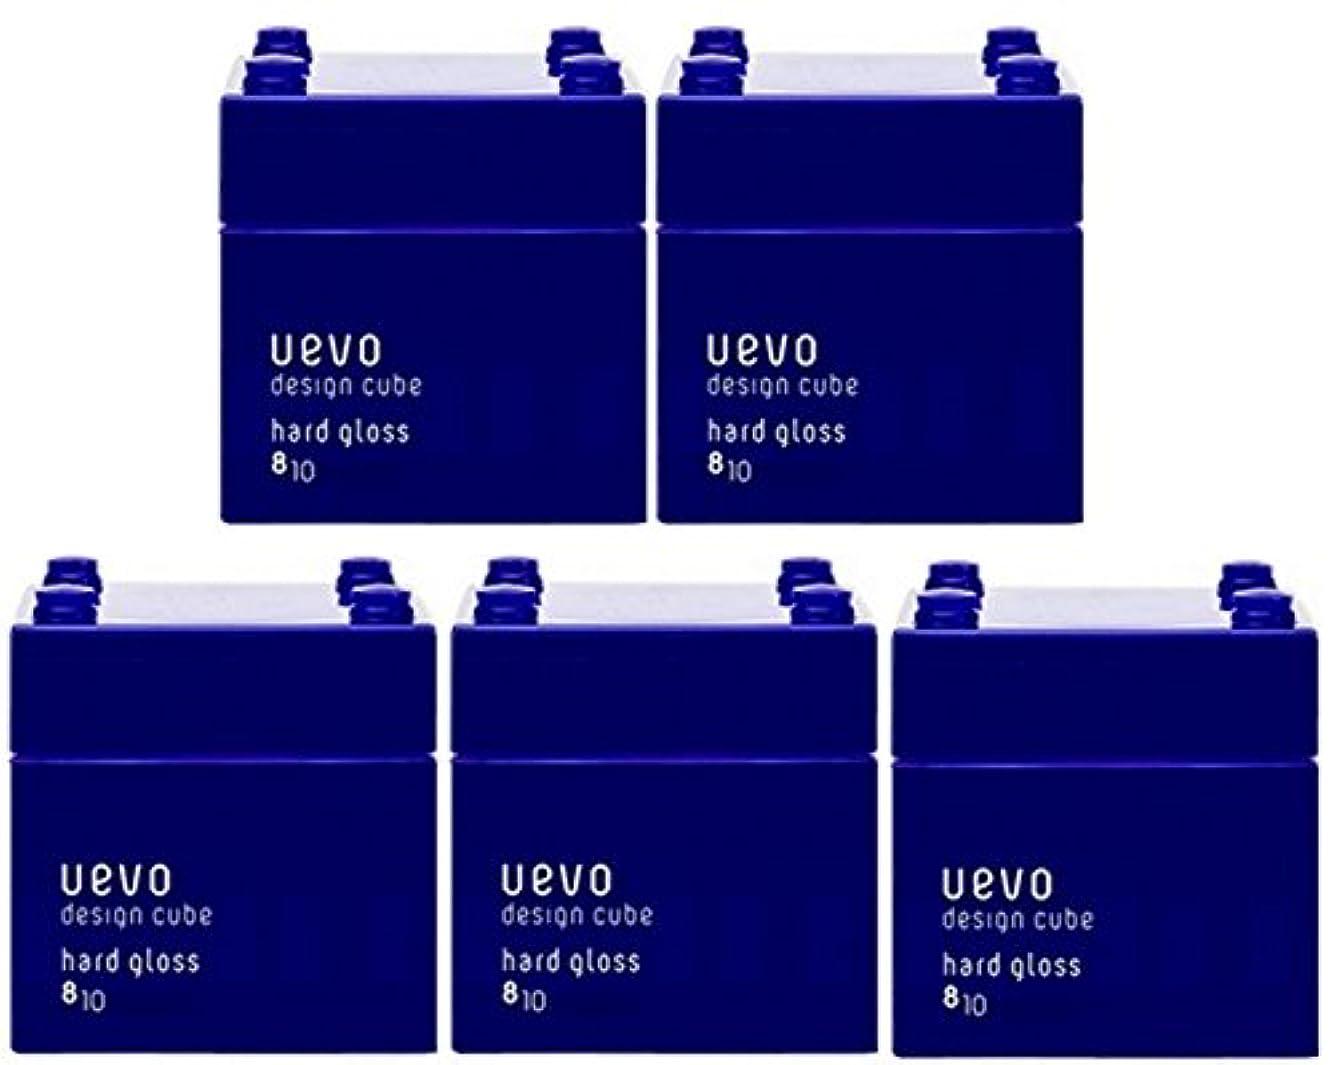 石炭電気甘くする【X5個セット】 デミ ウェーボ デザインキューブ ハードグロス 80g hard gloss DEMI uevo design cube